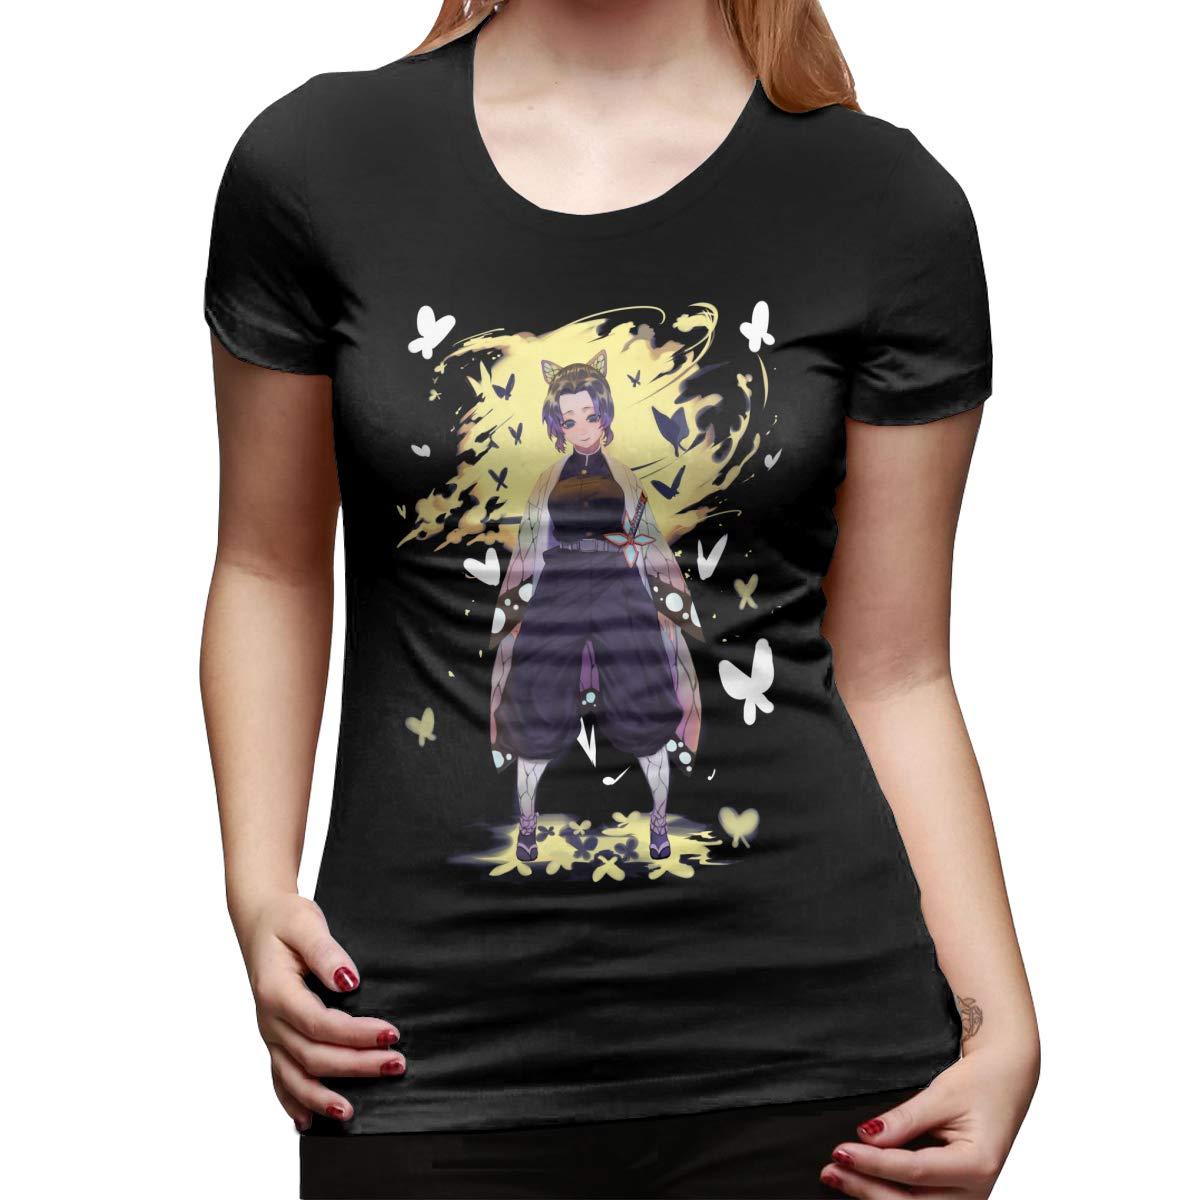 Ddhhyy Anime Demon Slayer Kimetsu No Yaiba Kochou Shinobu S Short Sleeve Top T Shirt